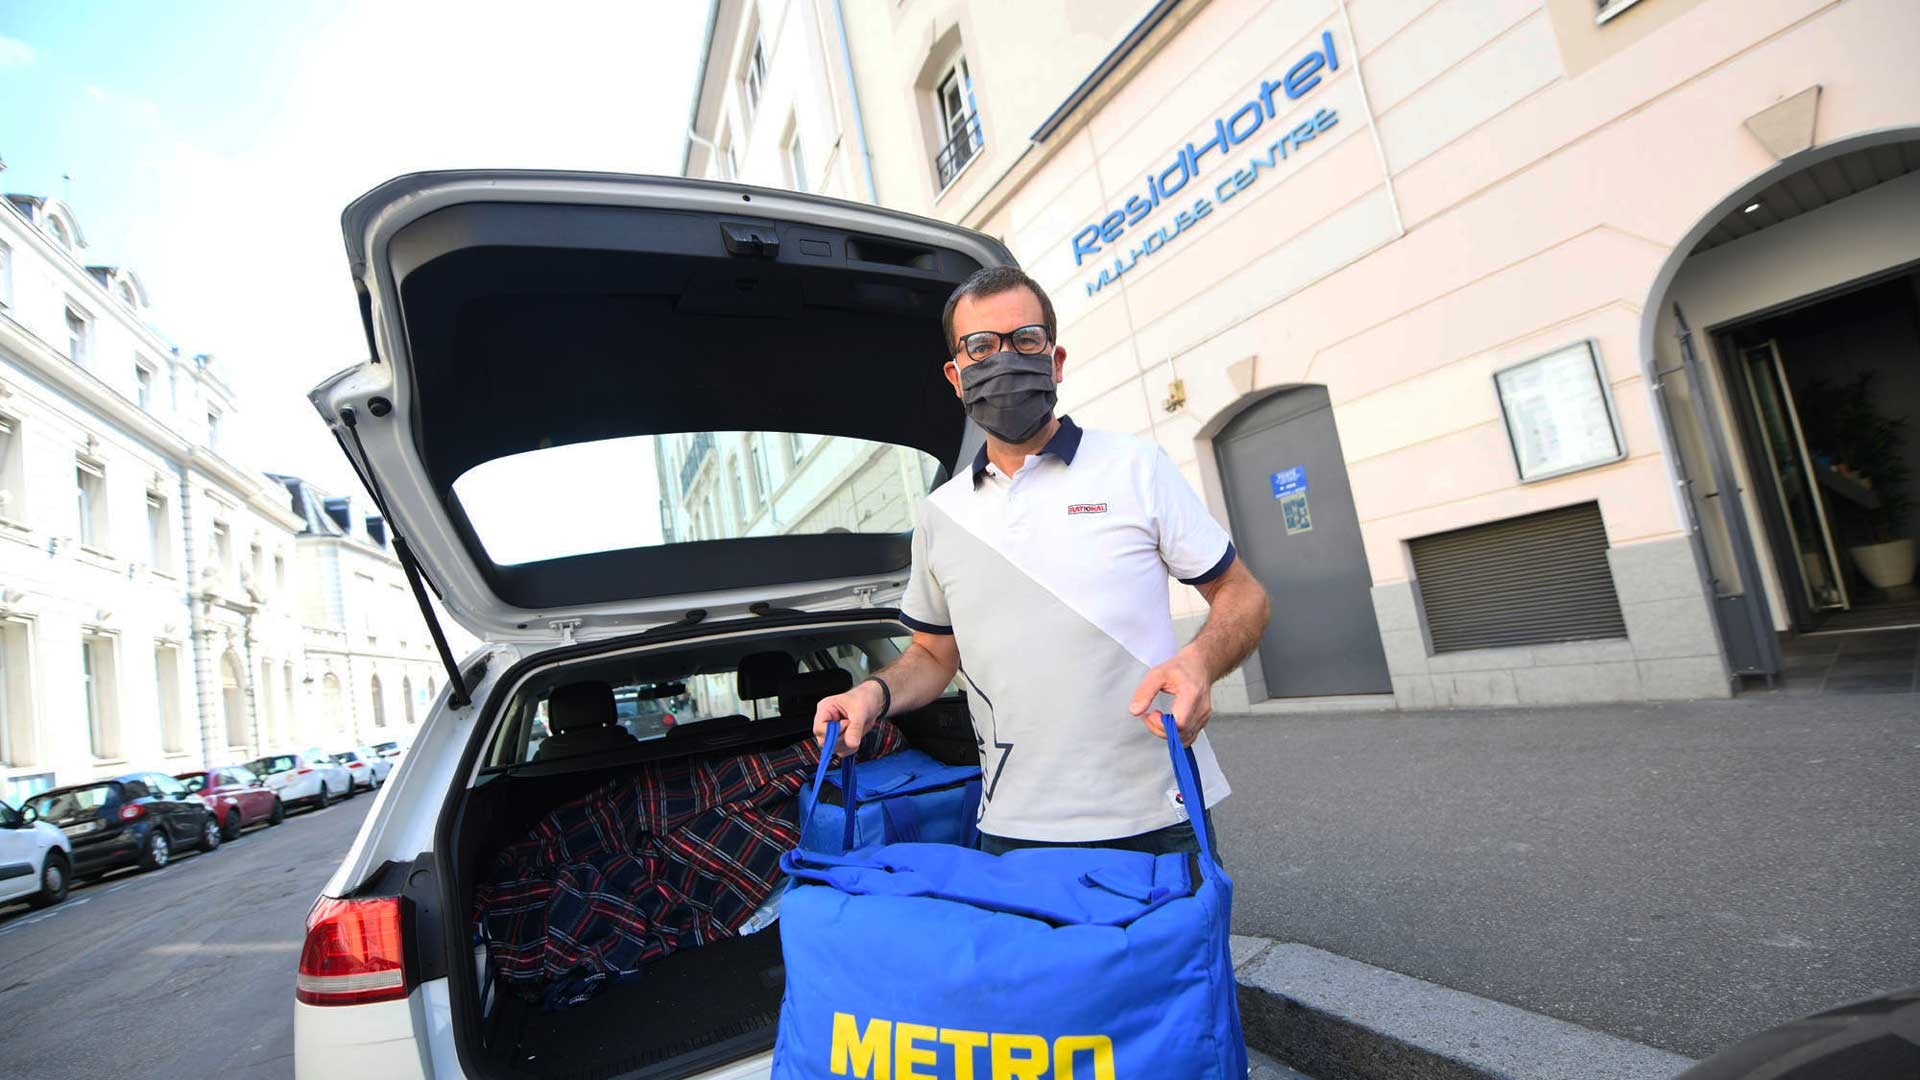 Le directeur marketing, Jean-Baptiste François, assure la livraison des repas